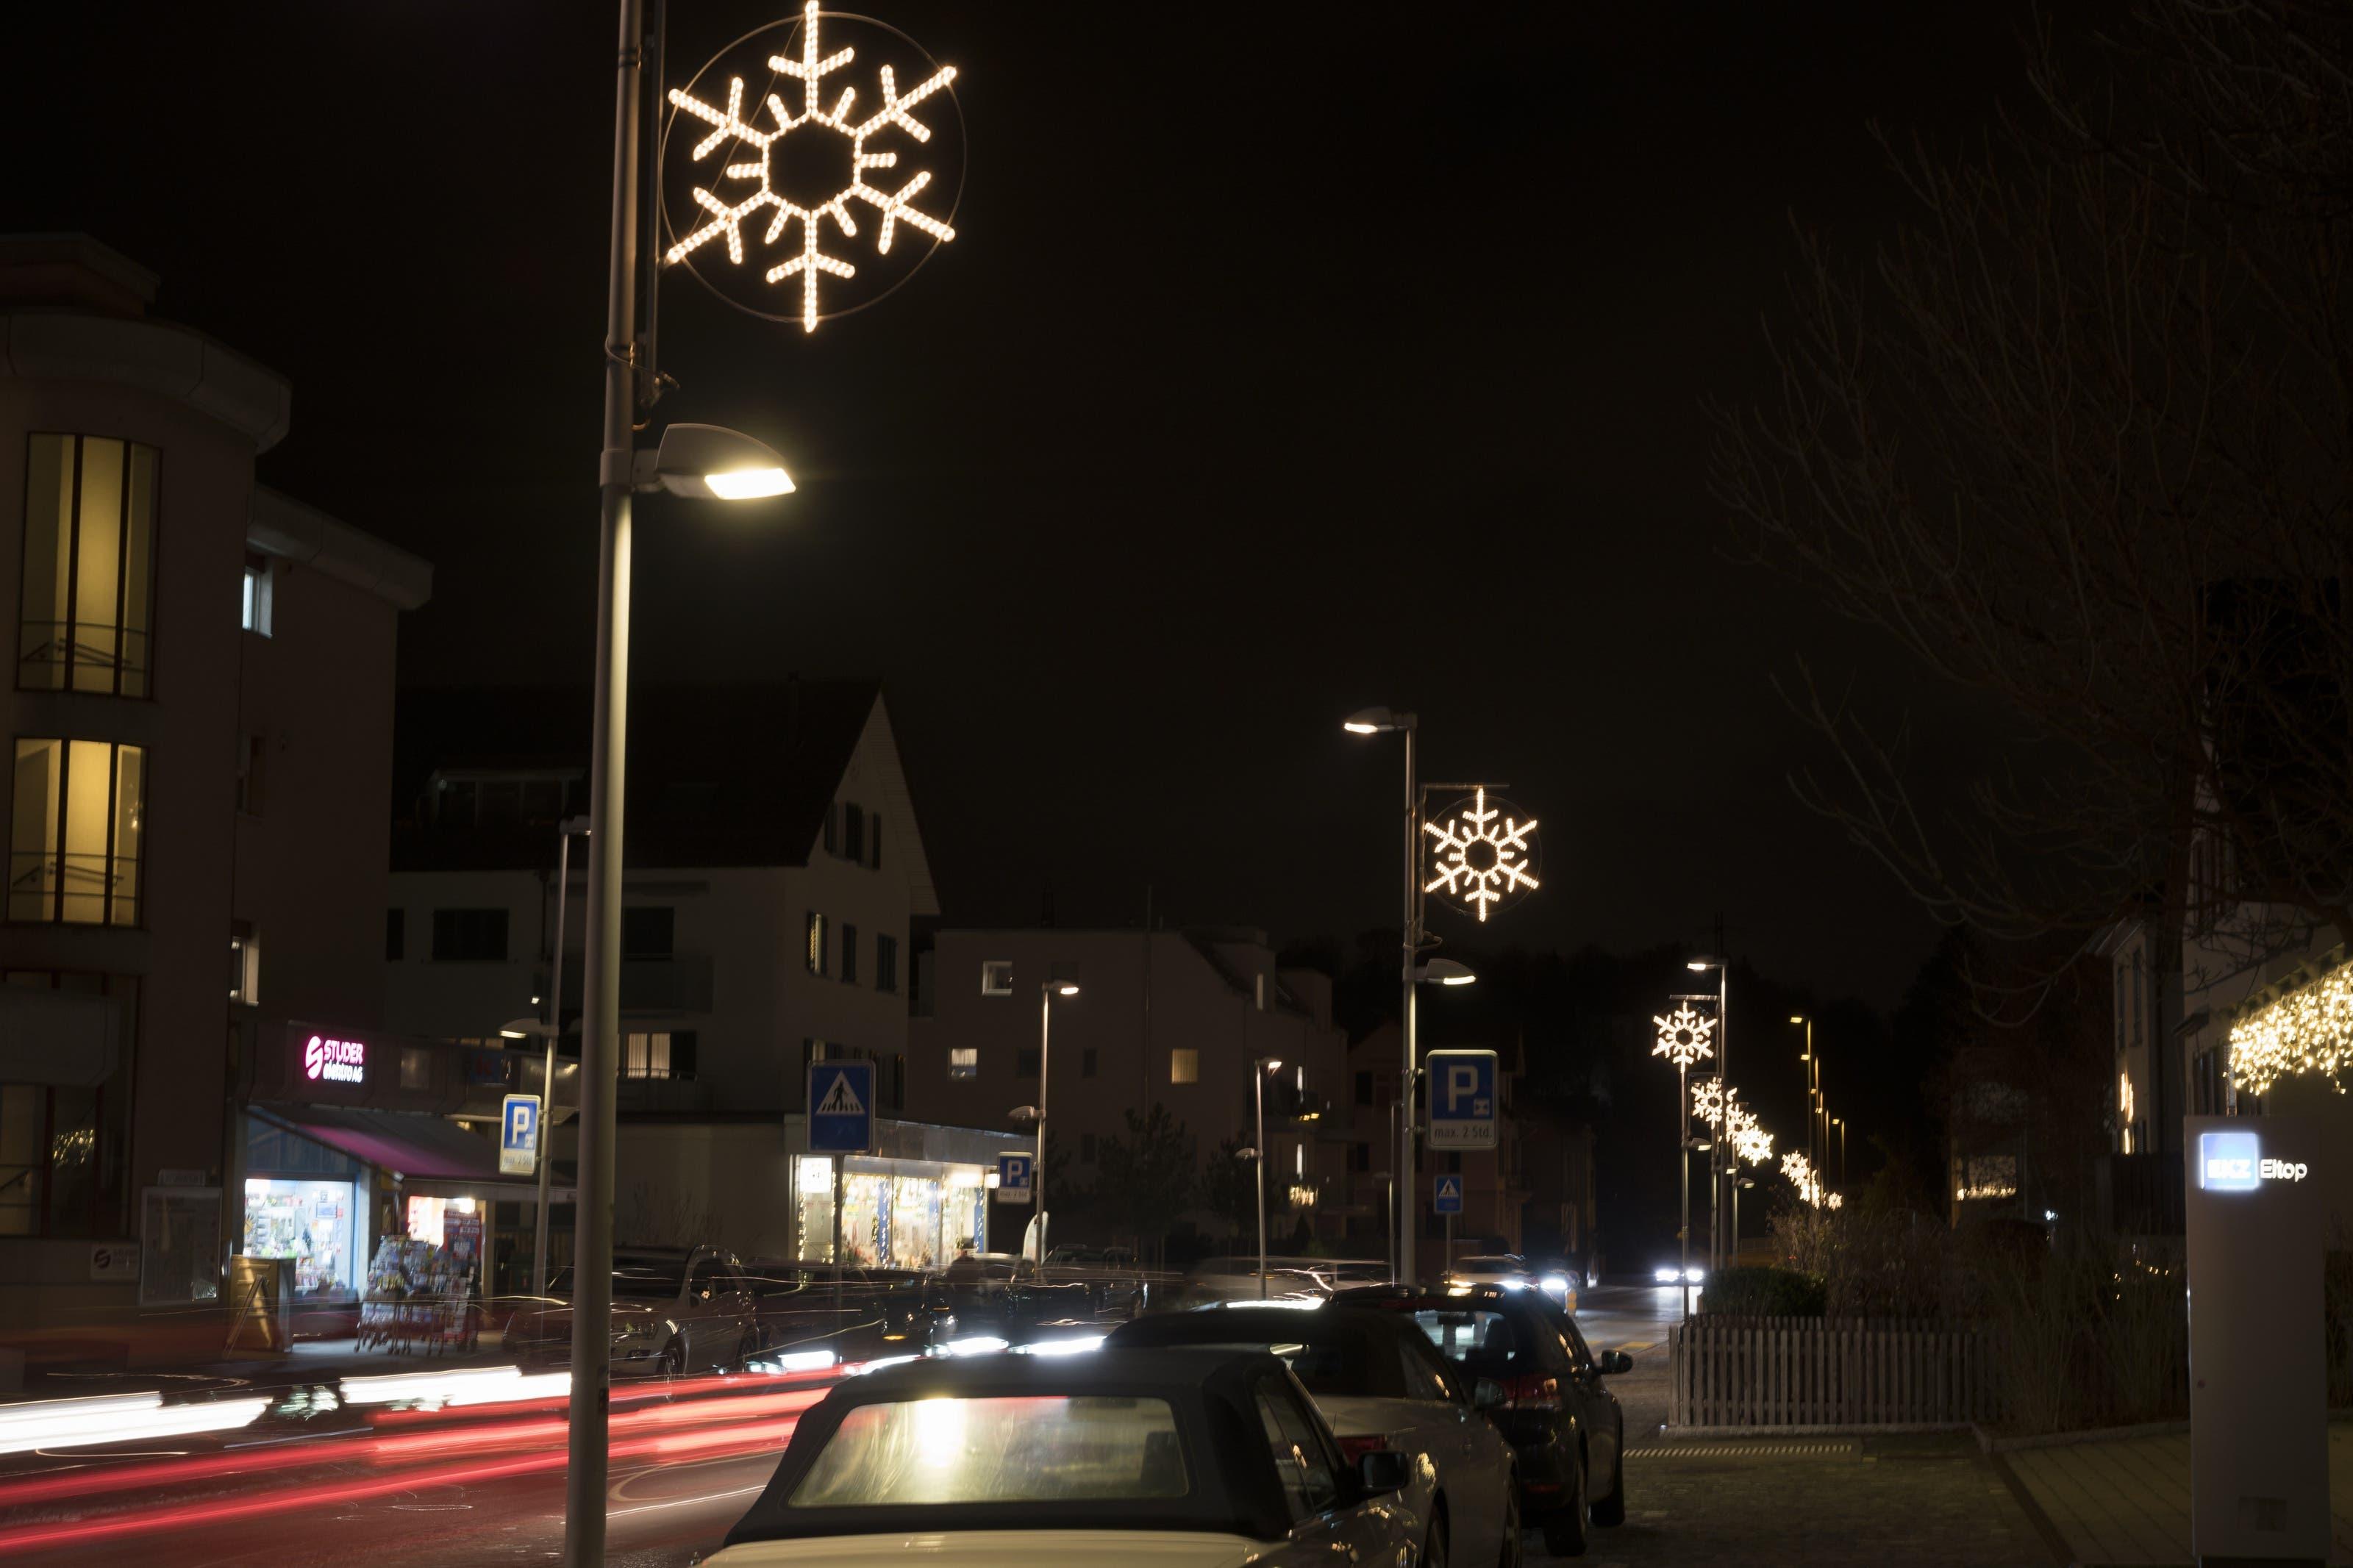 Birmensdorf Die Luzerner-, Stallikoner- und Zürcherstrasse in Birmensdorf wird in der Adventszeit von Sternen erhellt.